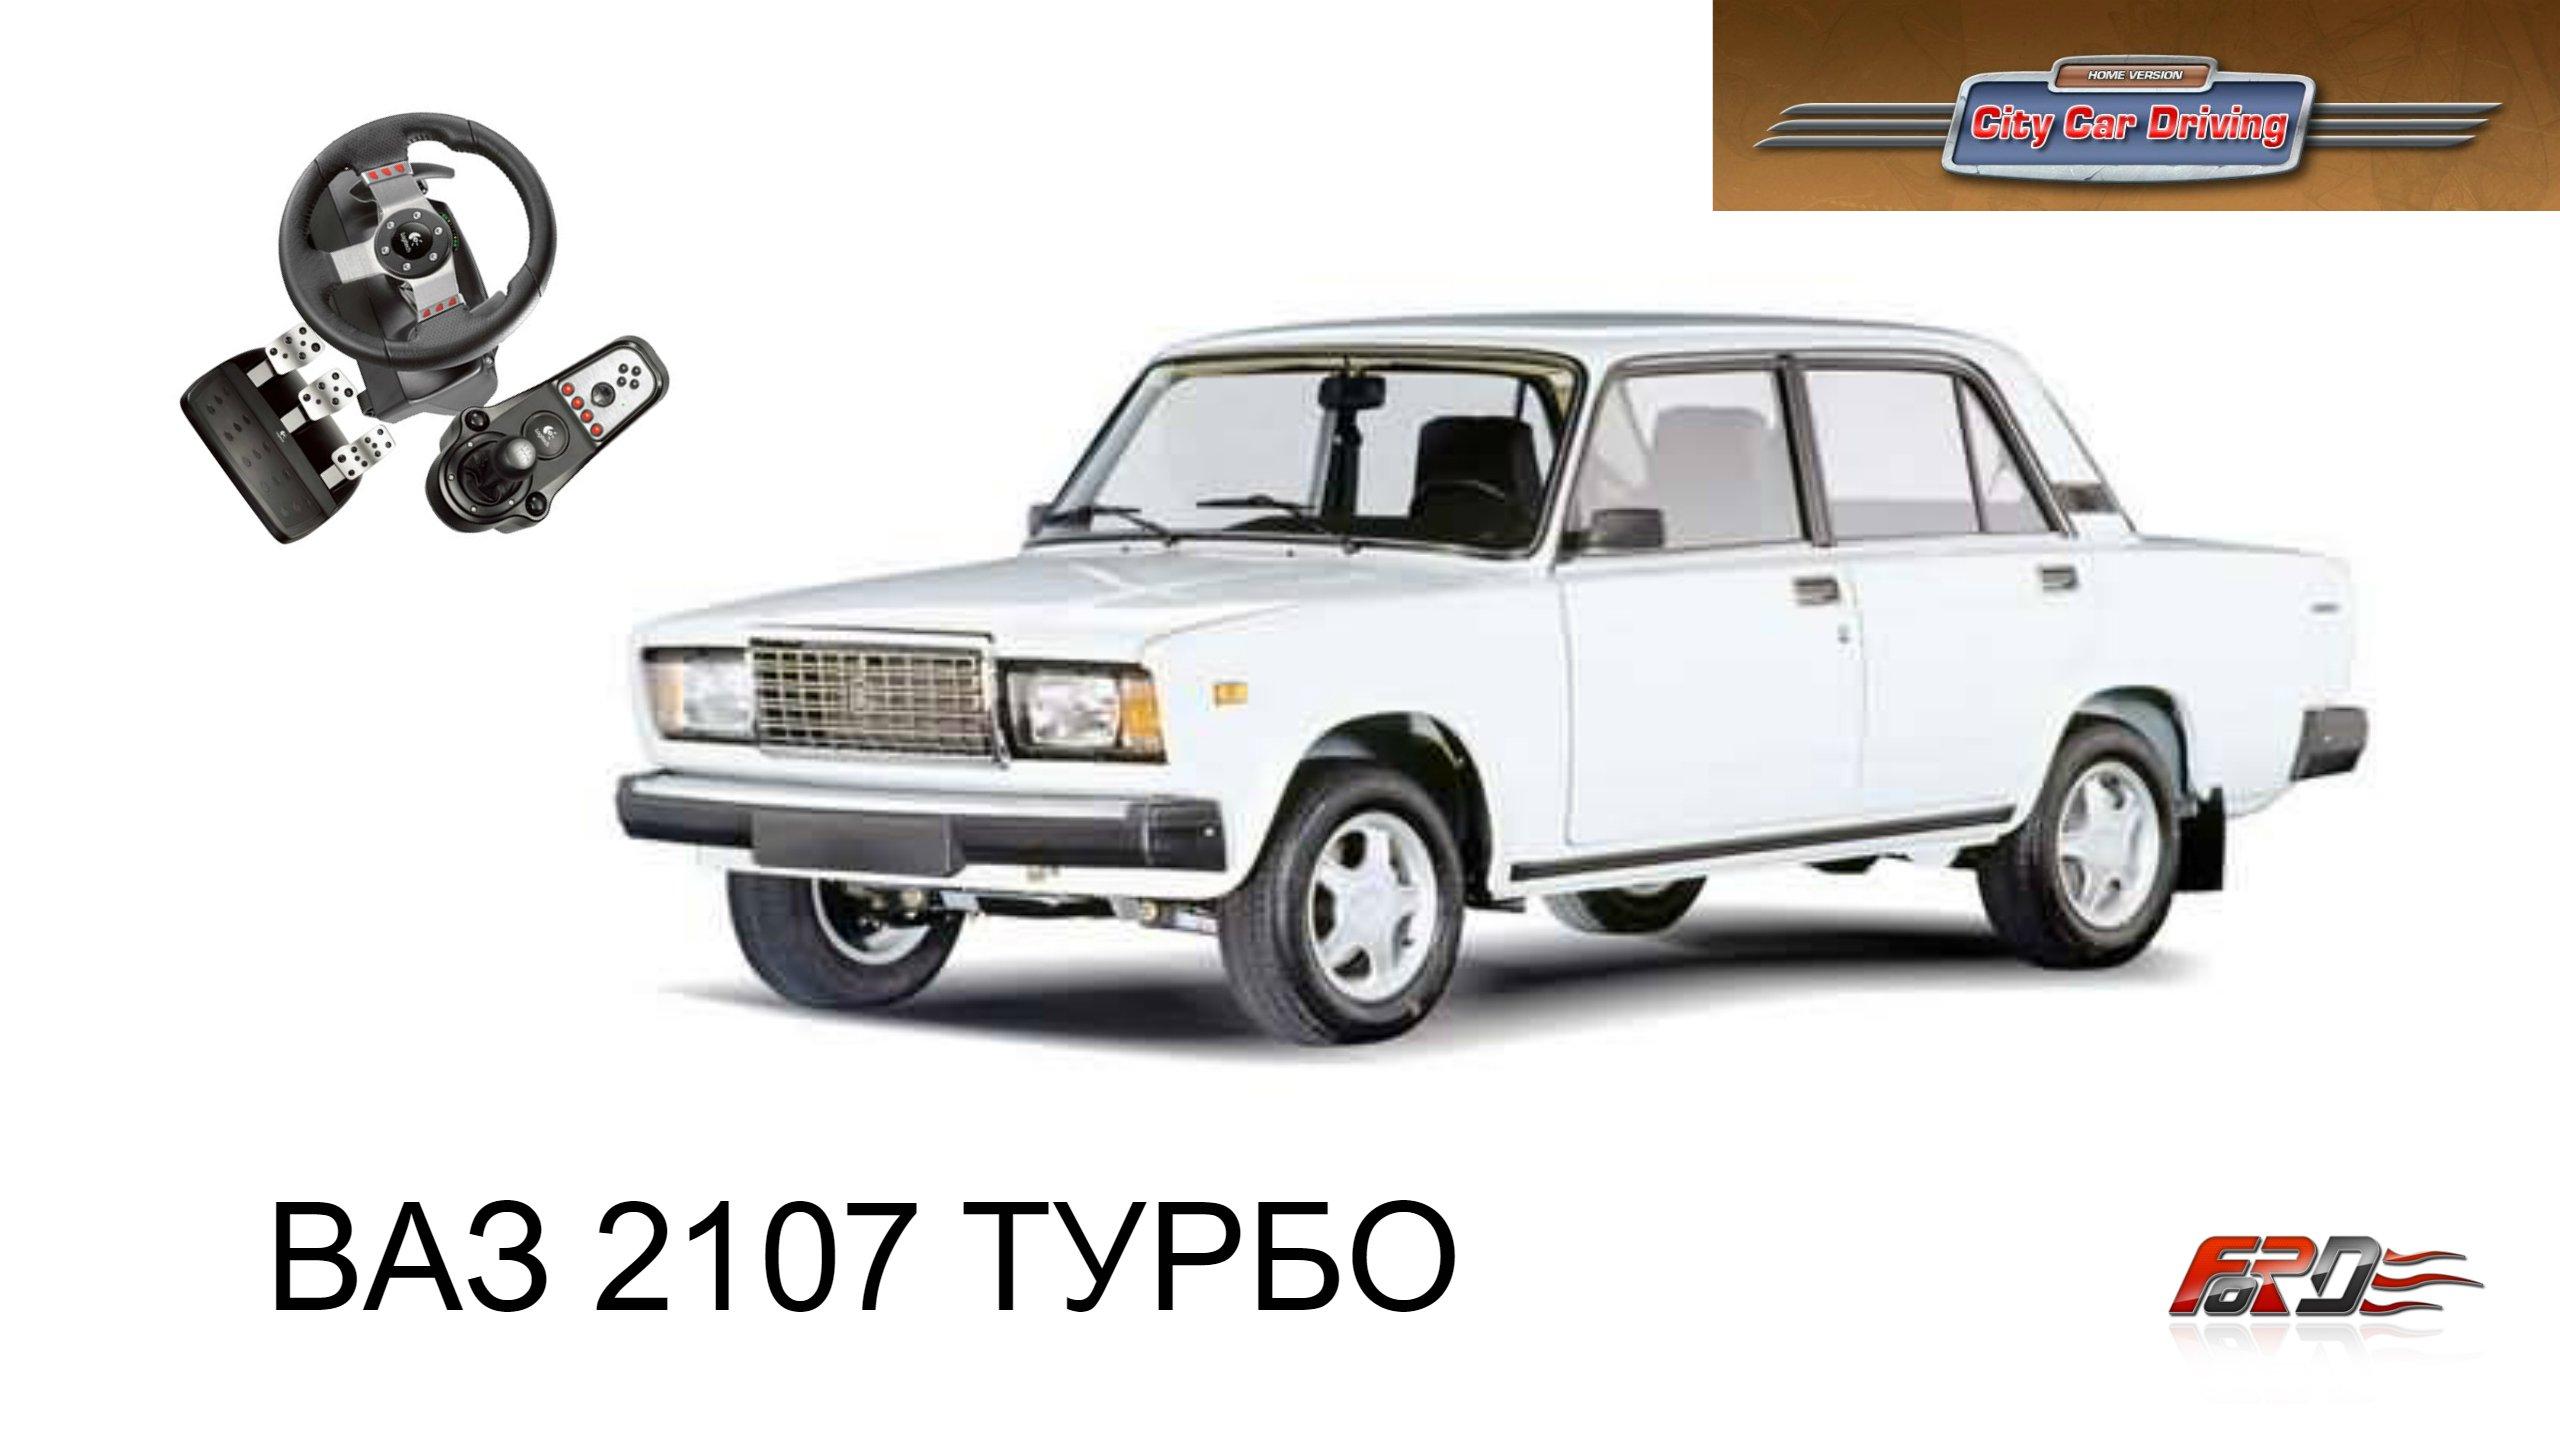 ВАЗ 2107 ТУРБО - тест-драйв, обзор, тюнинг настоящего русского автомобиля в City Car Driving! - Изображение 1